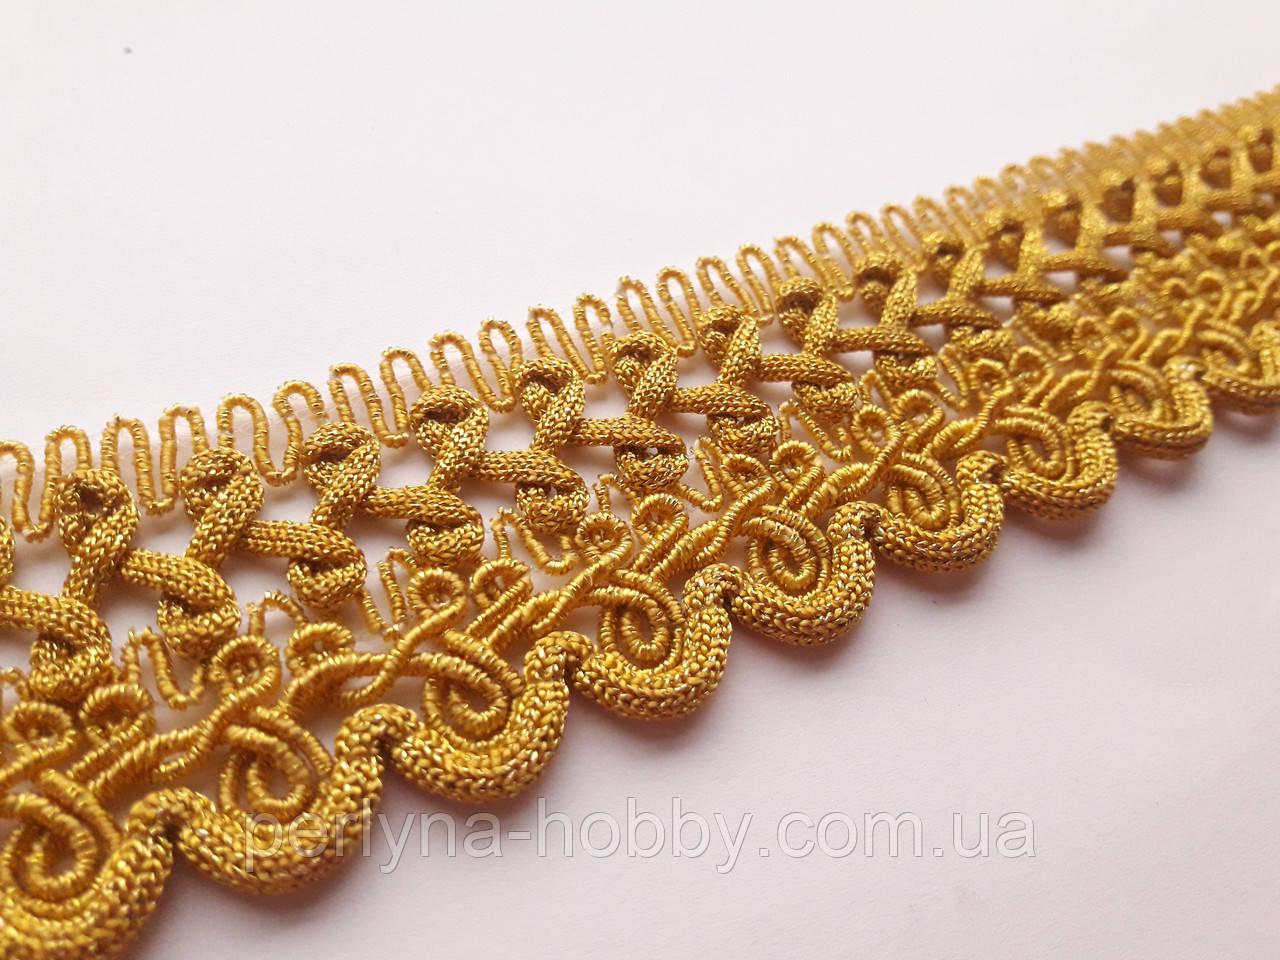 Тесьма декоративная Тасьма декоративна люрекс золото  3,8 см